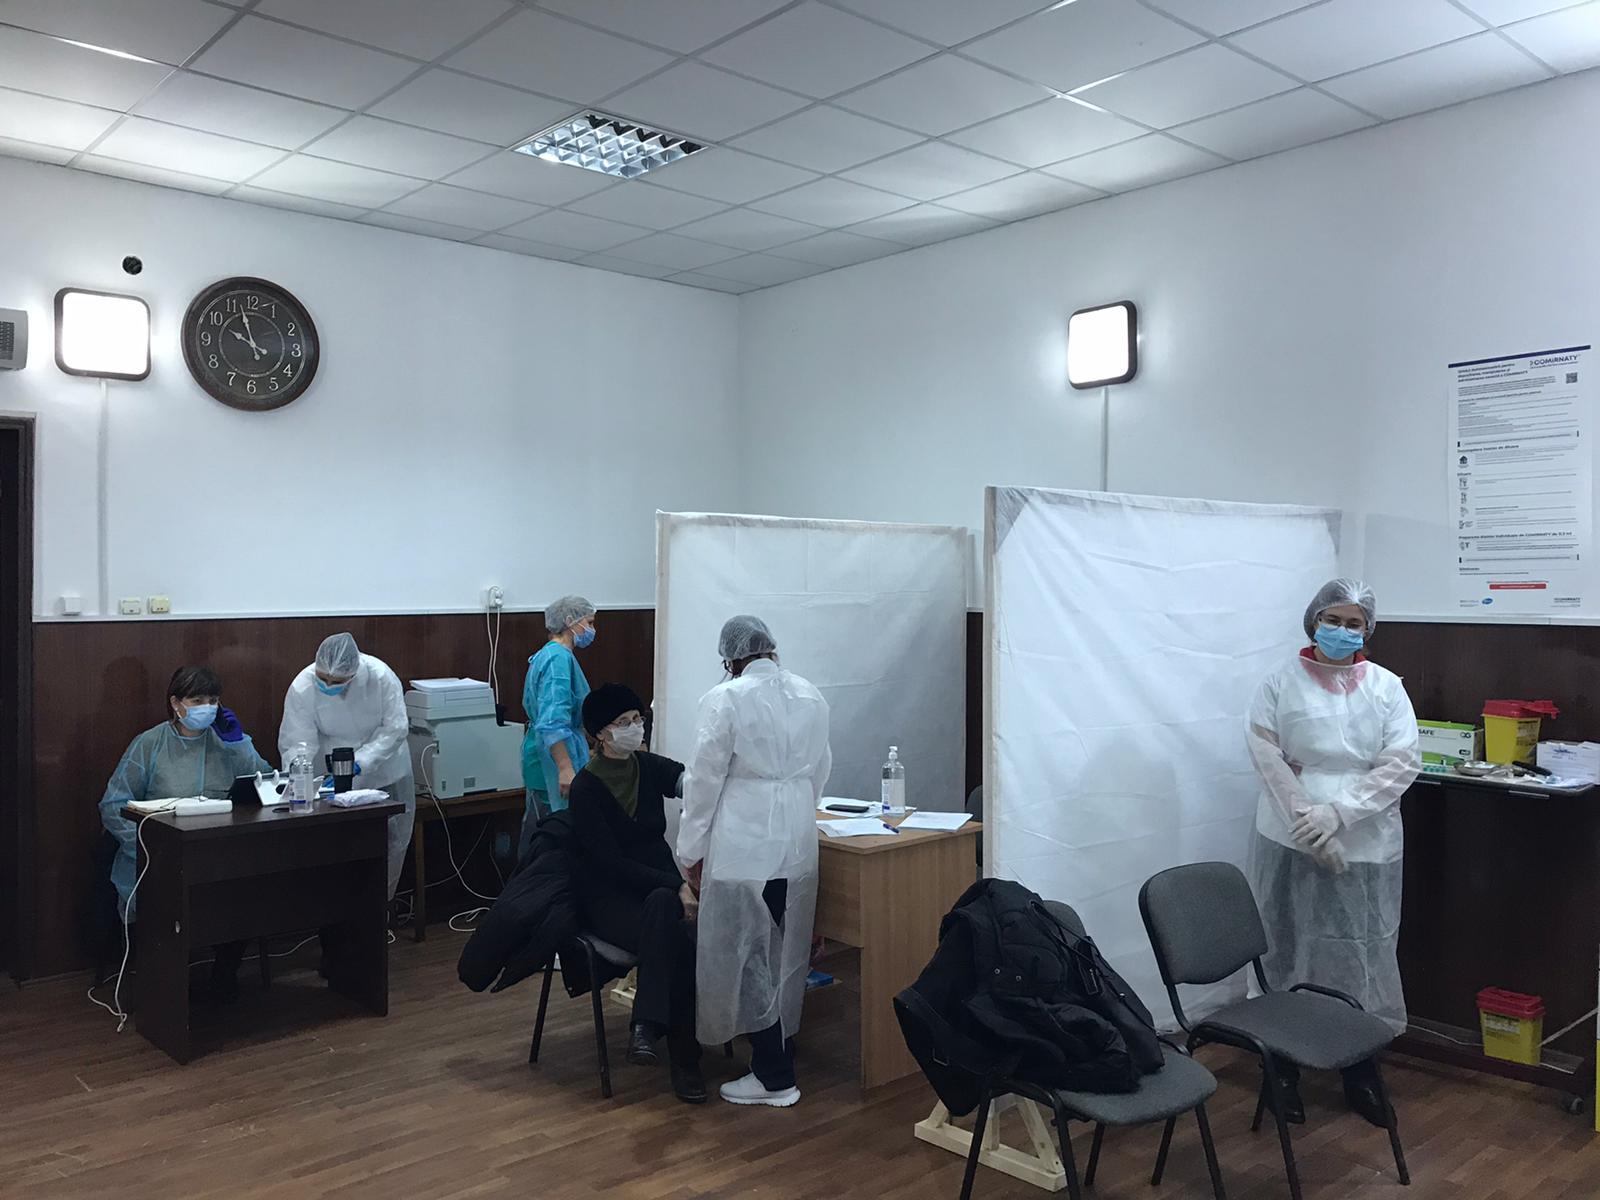 Astăzi a debutat etapa a II-a de vaccinare anti COVID-19 la Centrul de vaccinare aflat in cadrul Casei de Cultura din Calafat